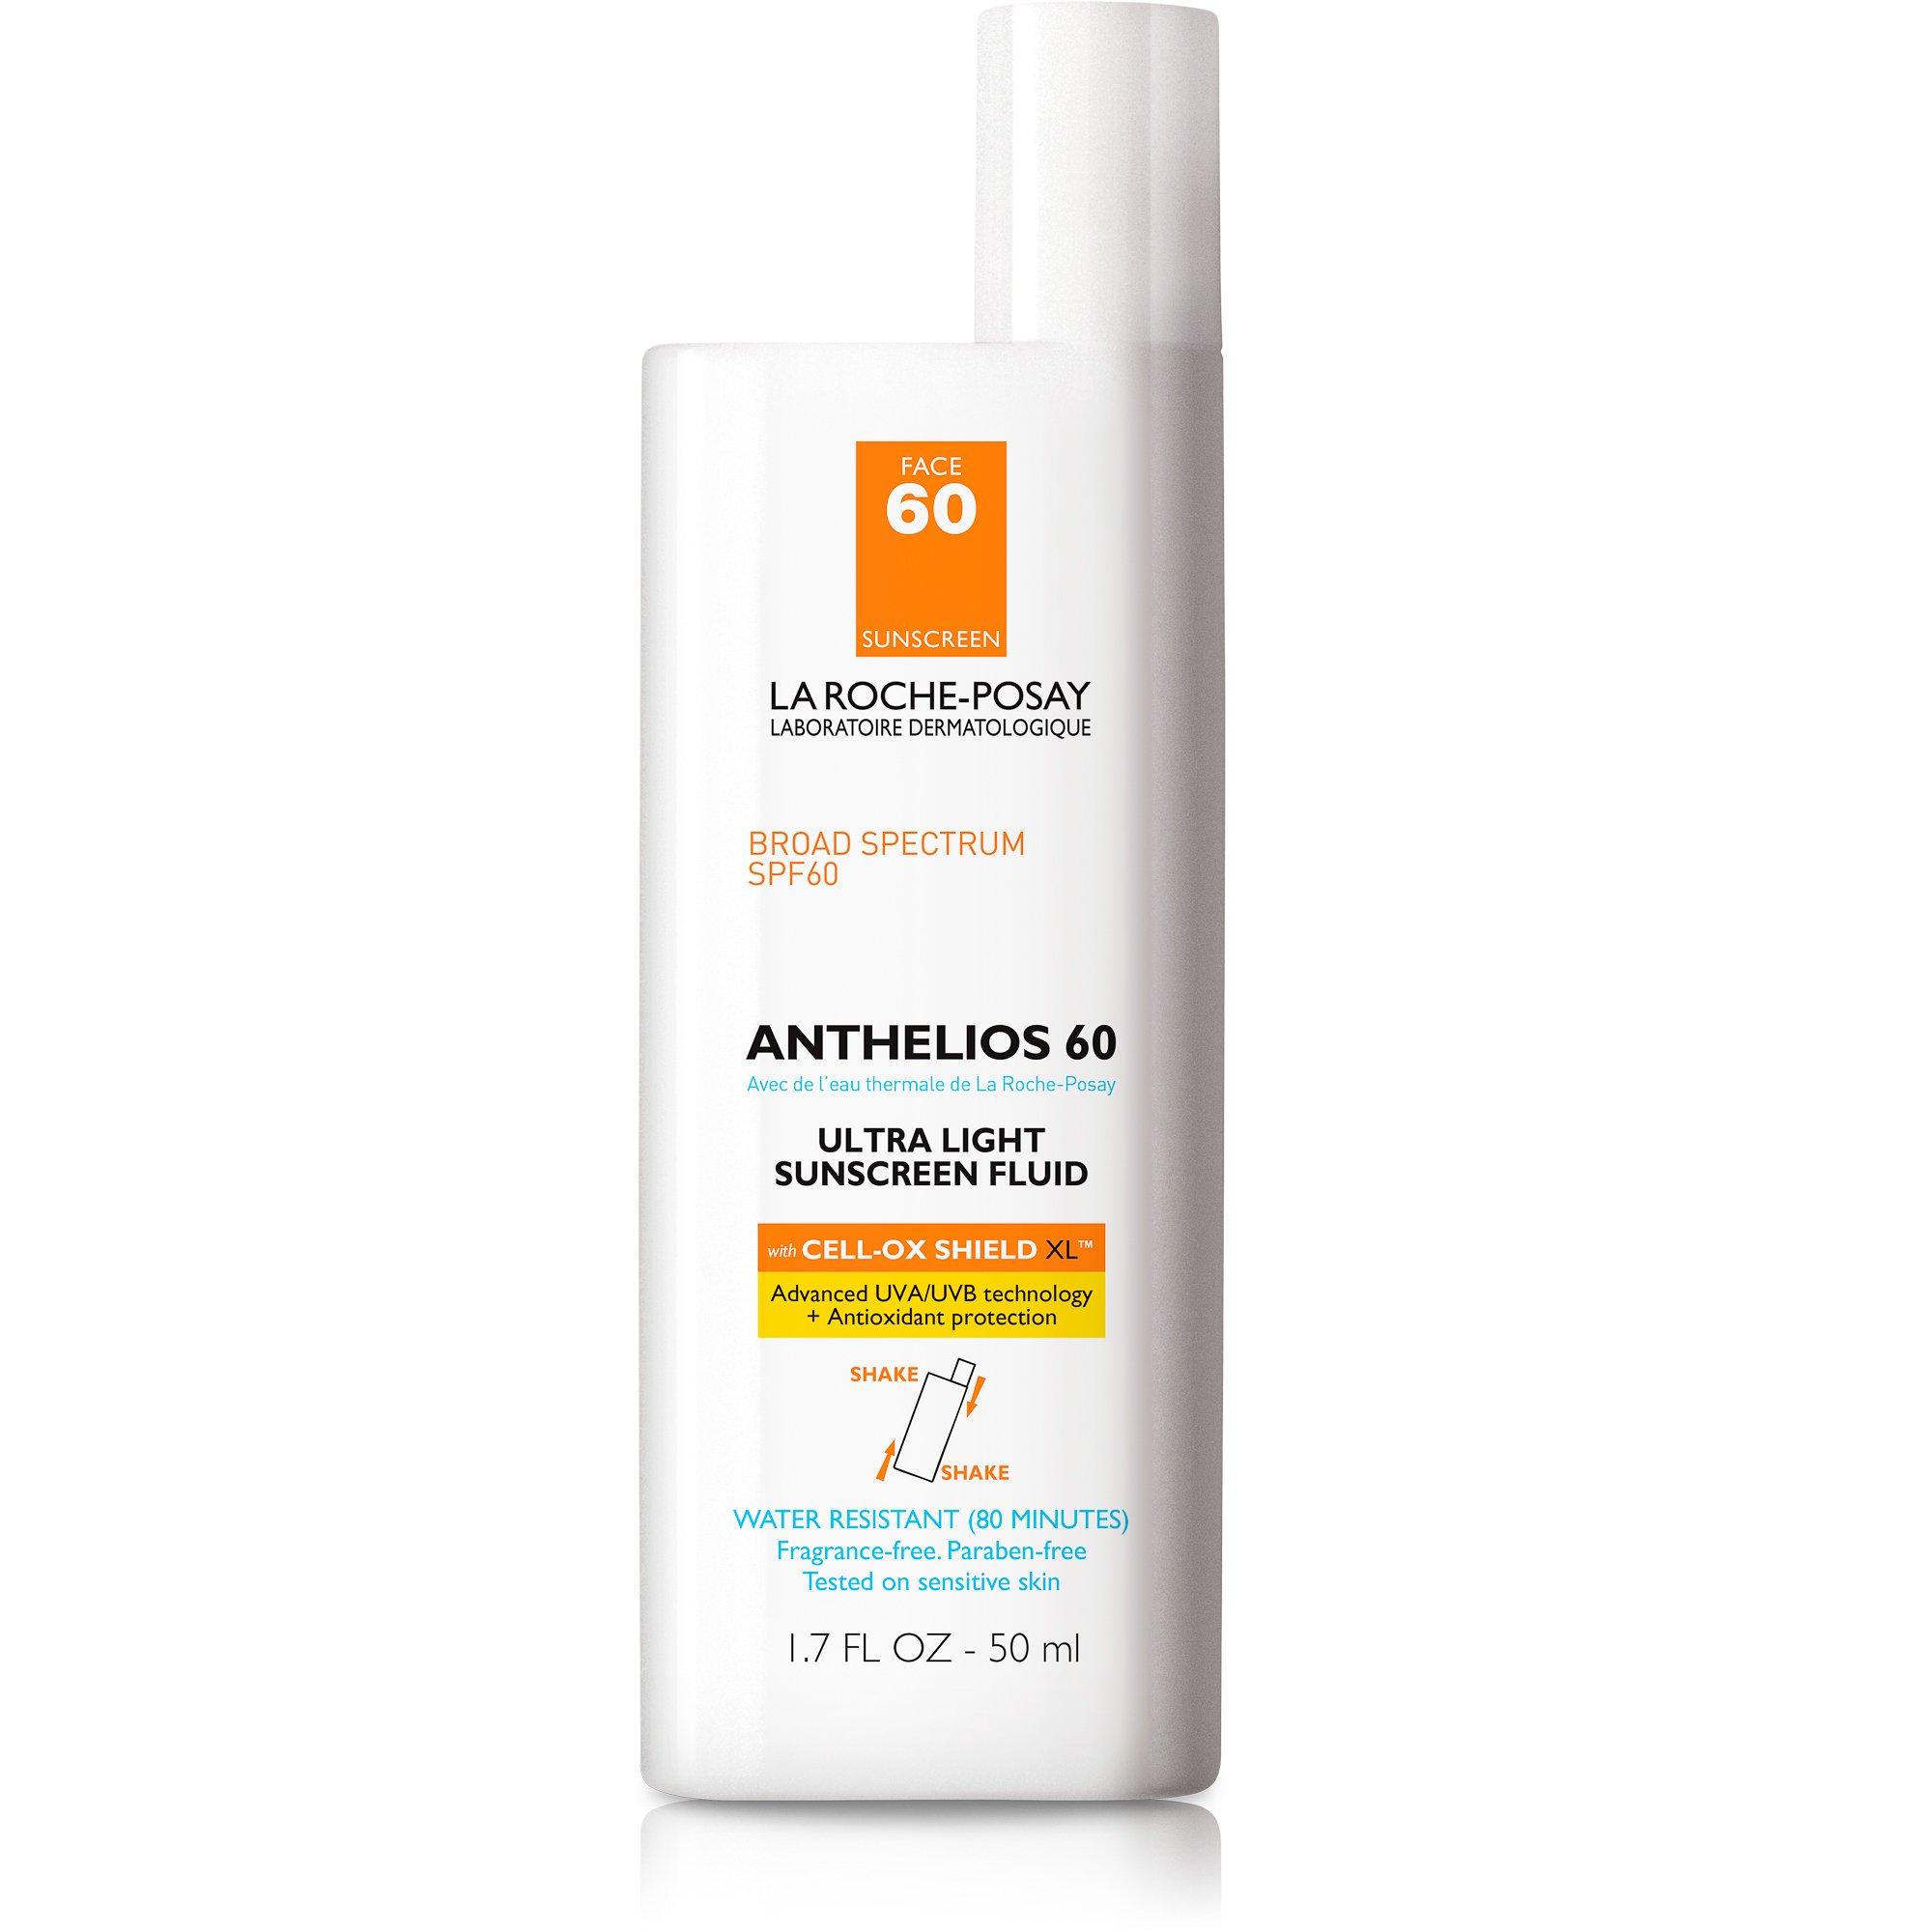 La Roche-Posay Anthelios Face Sunscreen SPF 60, 1.7 Fl. Oz.